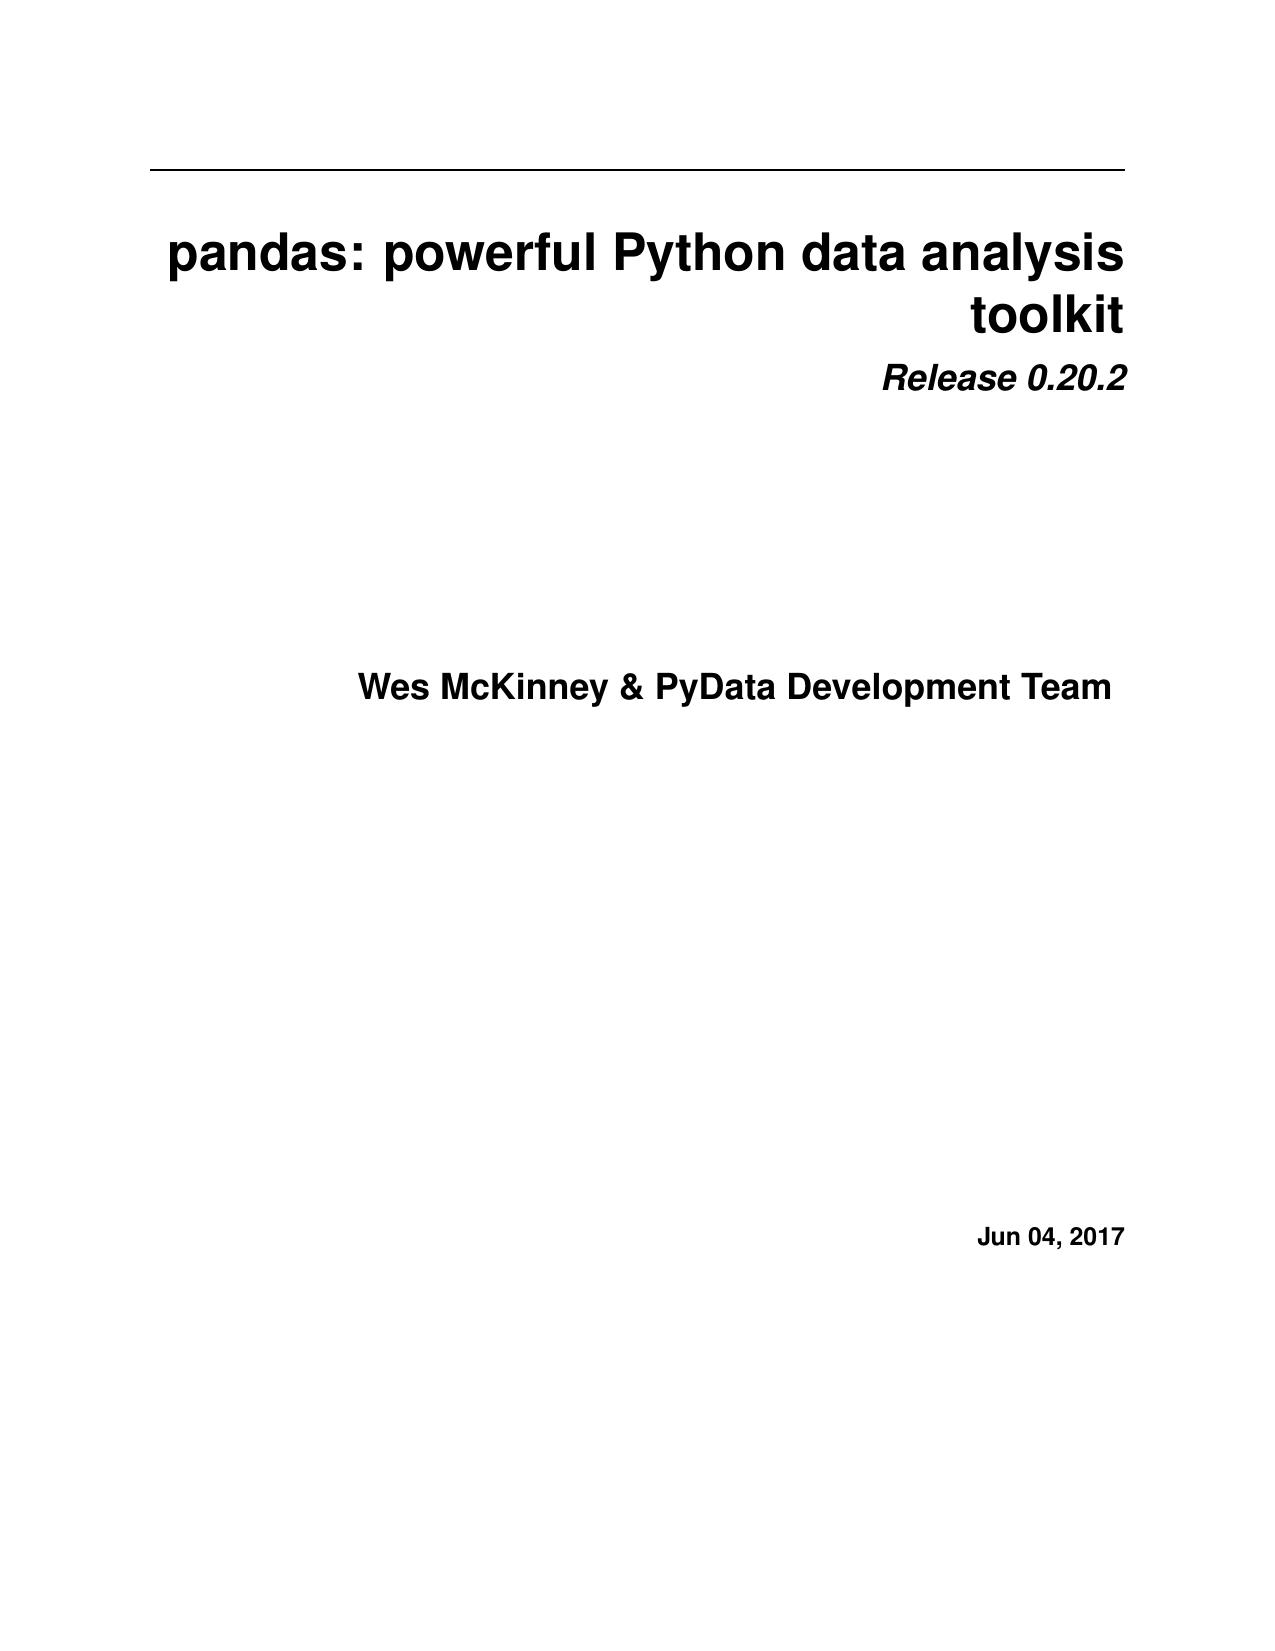 PDF Version - Pandas